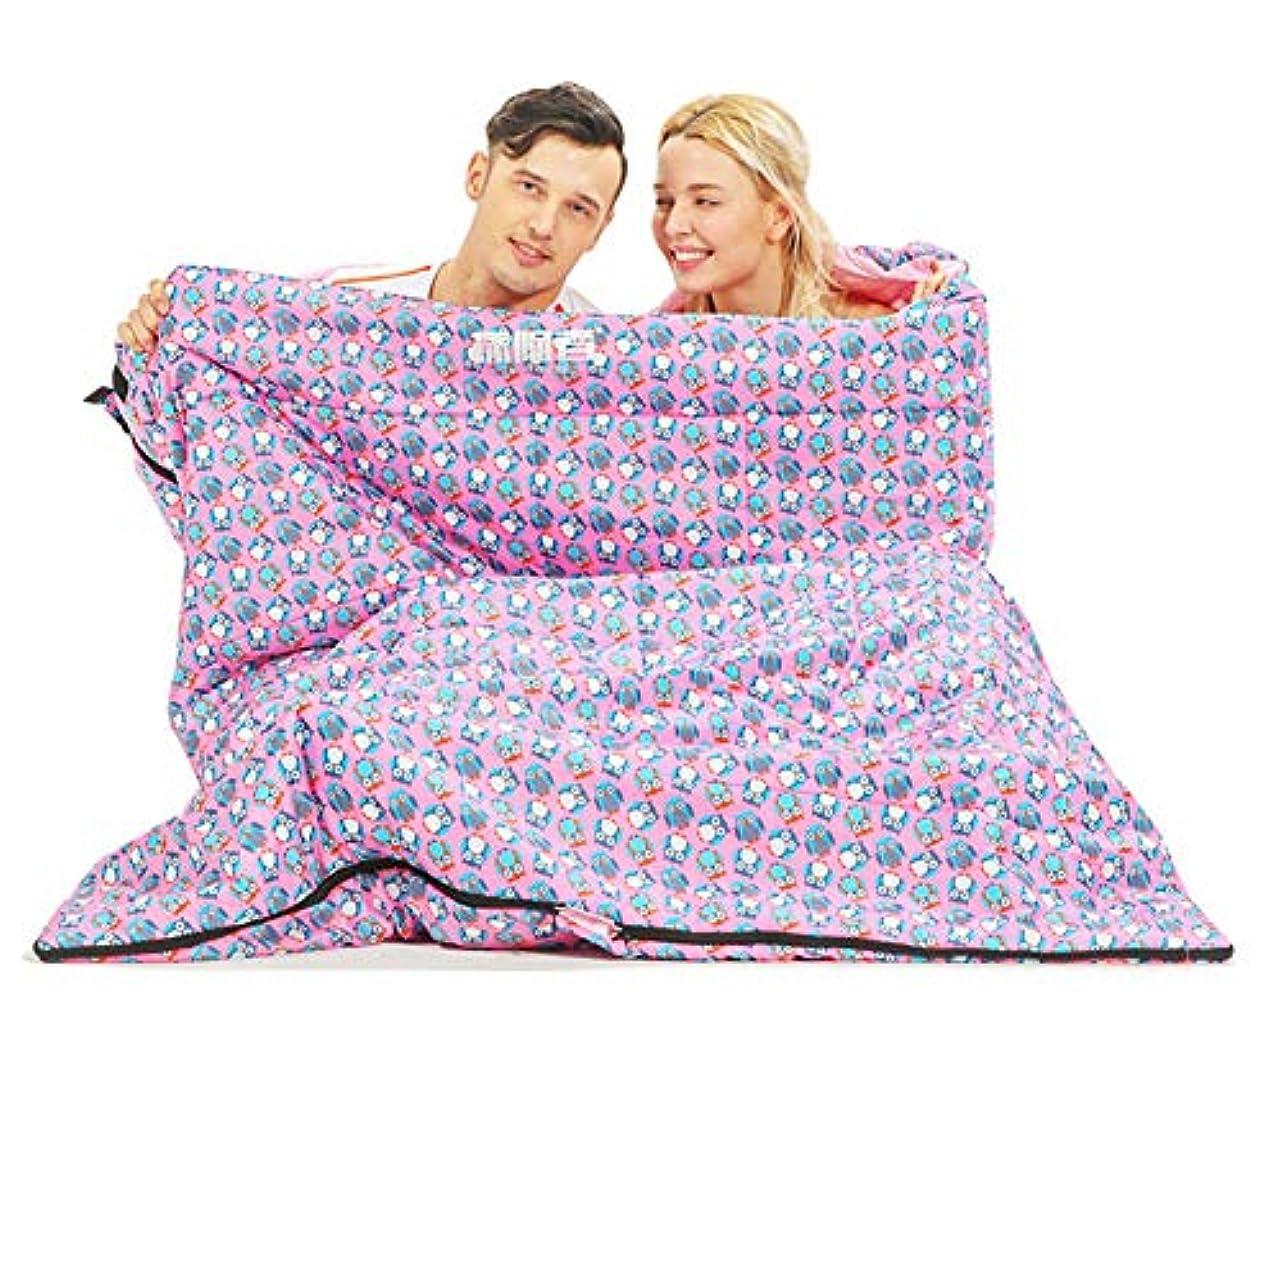 性的関税排他的Durable,breathableダブル寝袋、暖かい厚い睡眠バッグ寒い天気2人防水スリーピングバッグ大人または十代の若者たちキャンプハイキングスリーピングパッド,pink,220*140cm